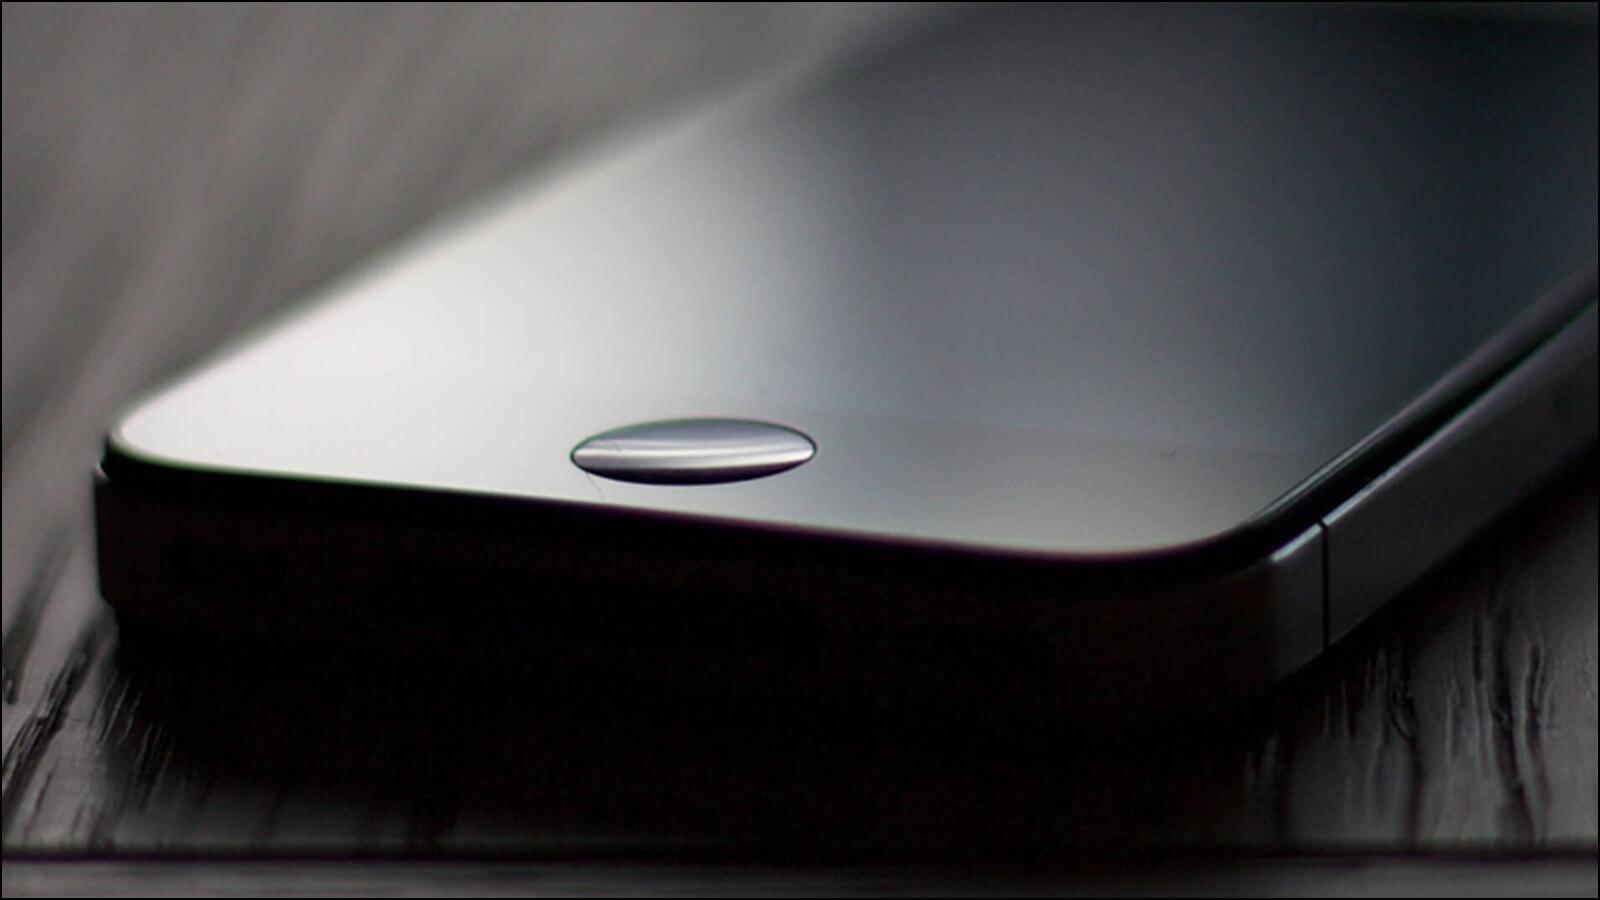 【iPhone】 ホームボタンを画面に表示させて操作する方法とメリット 故障時だけじゃない!